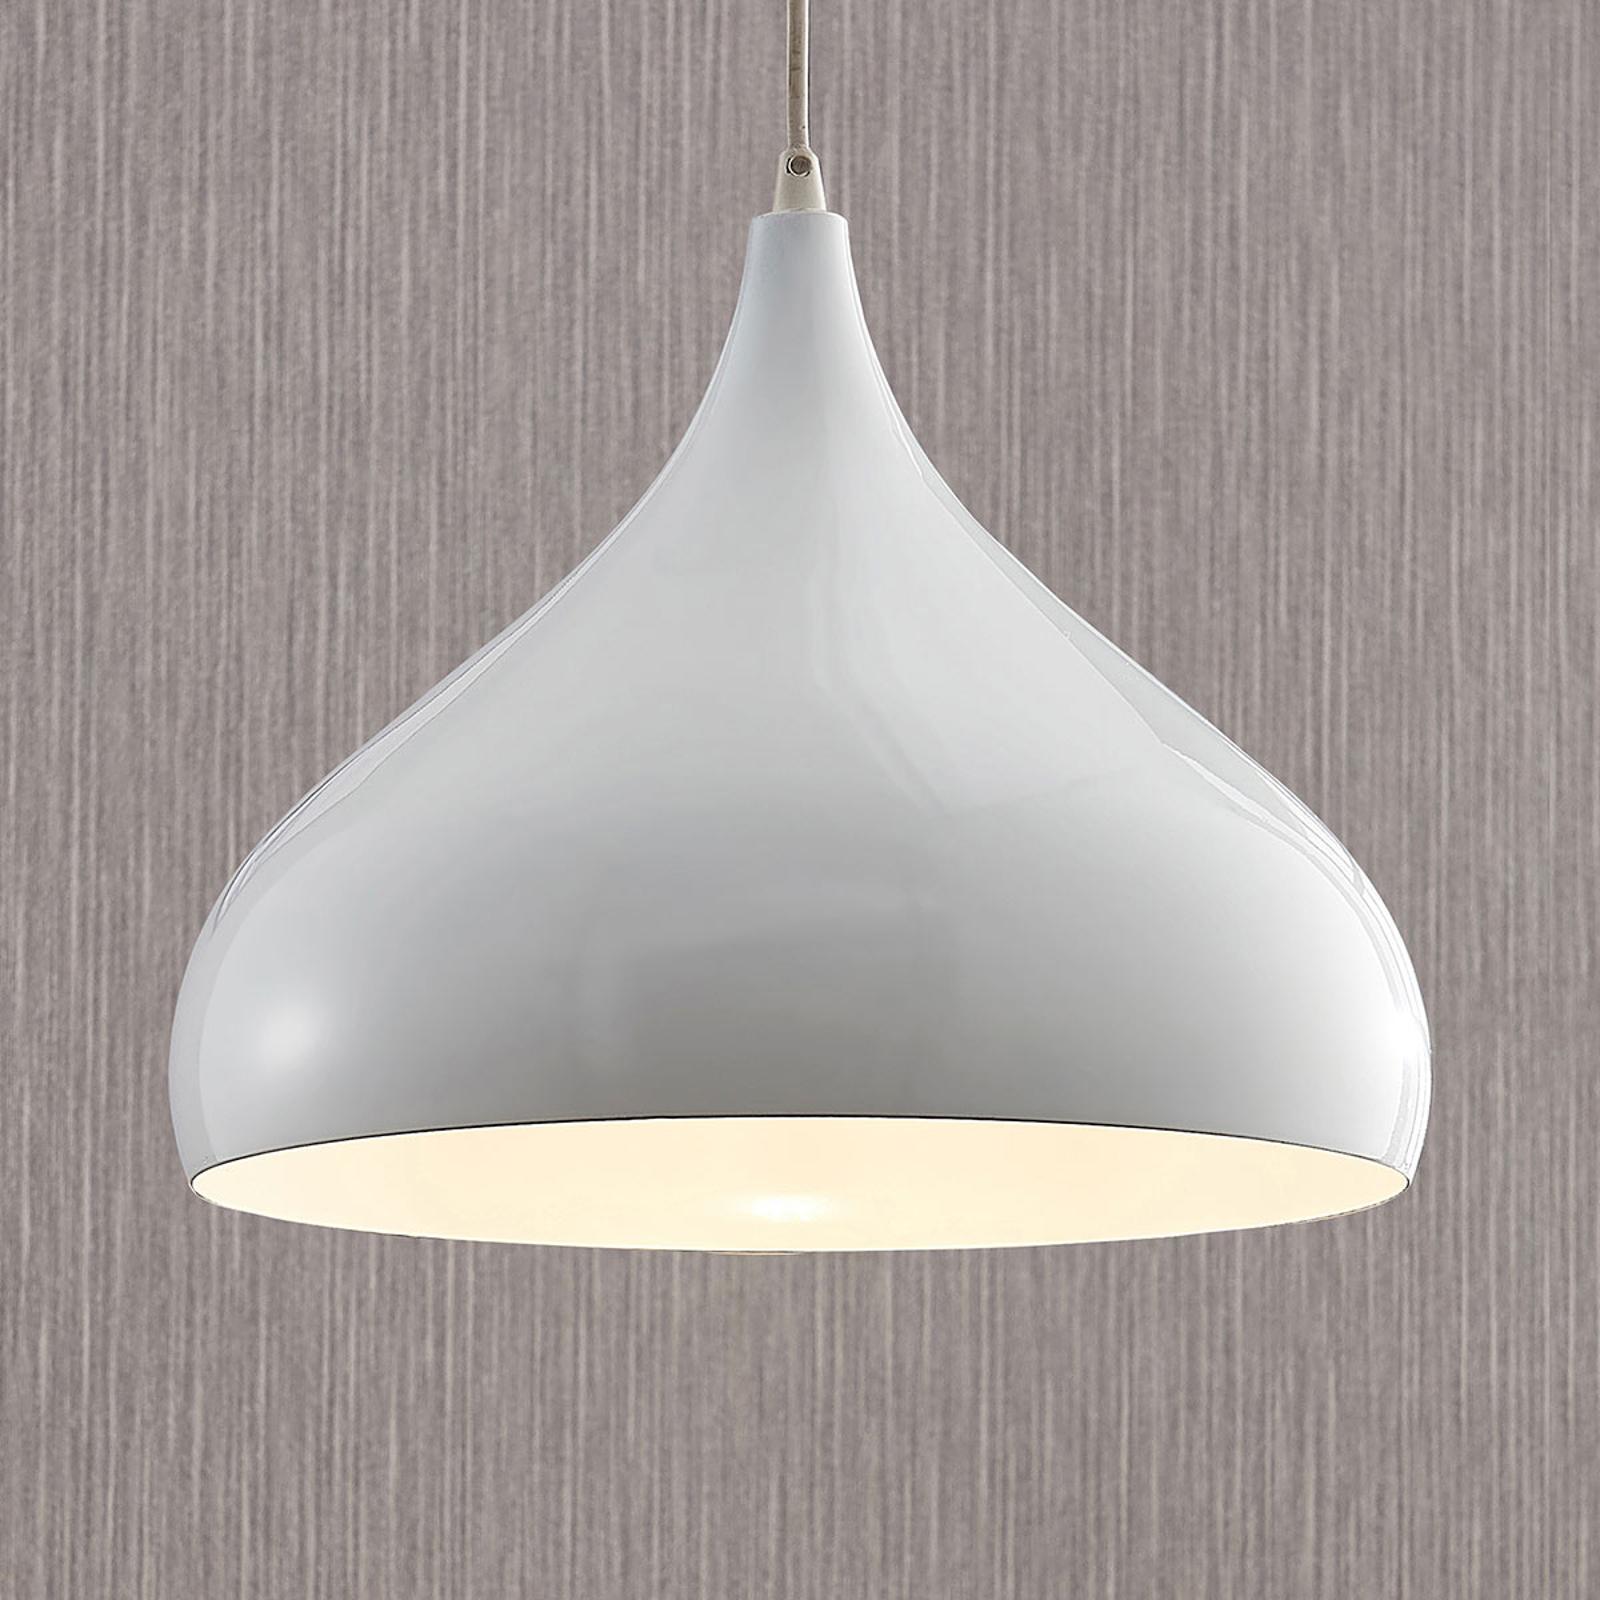 Lampada a sospensione Ritana, alluminio, bianco